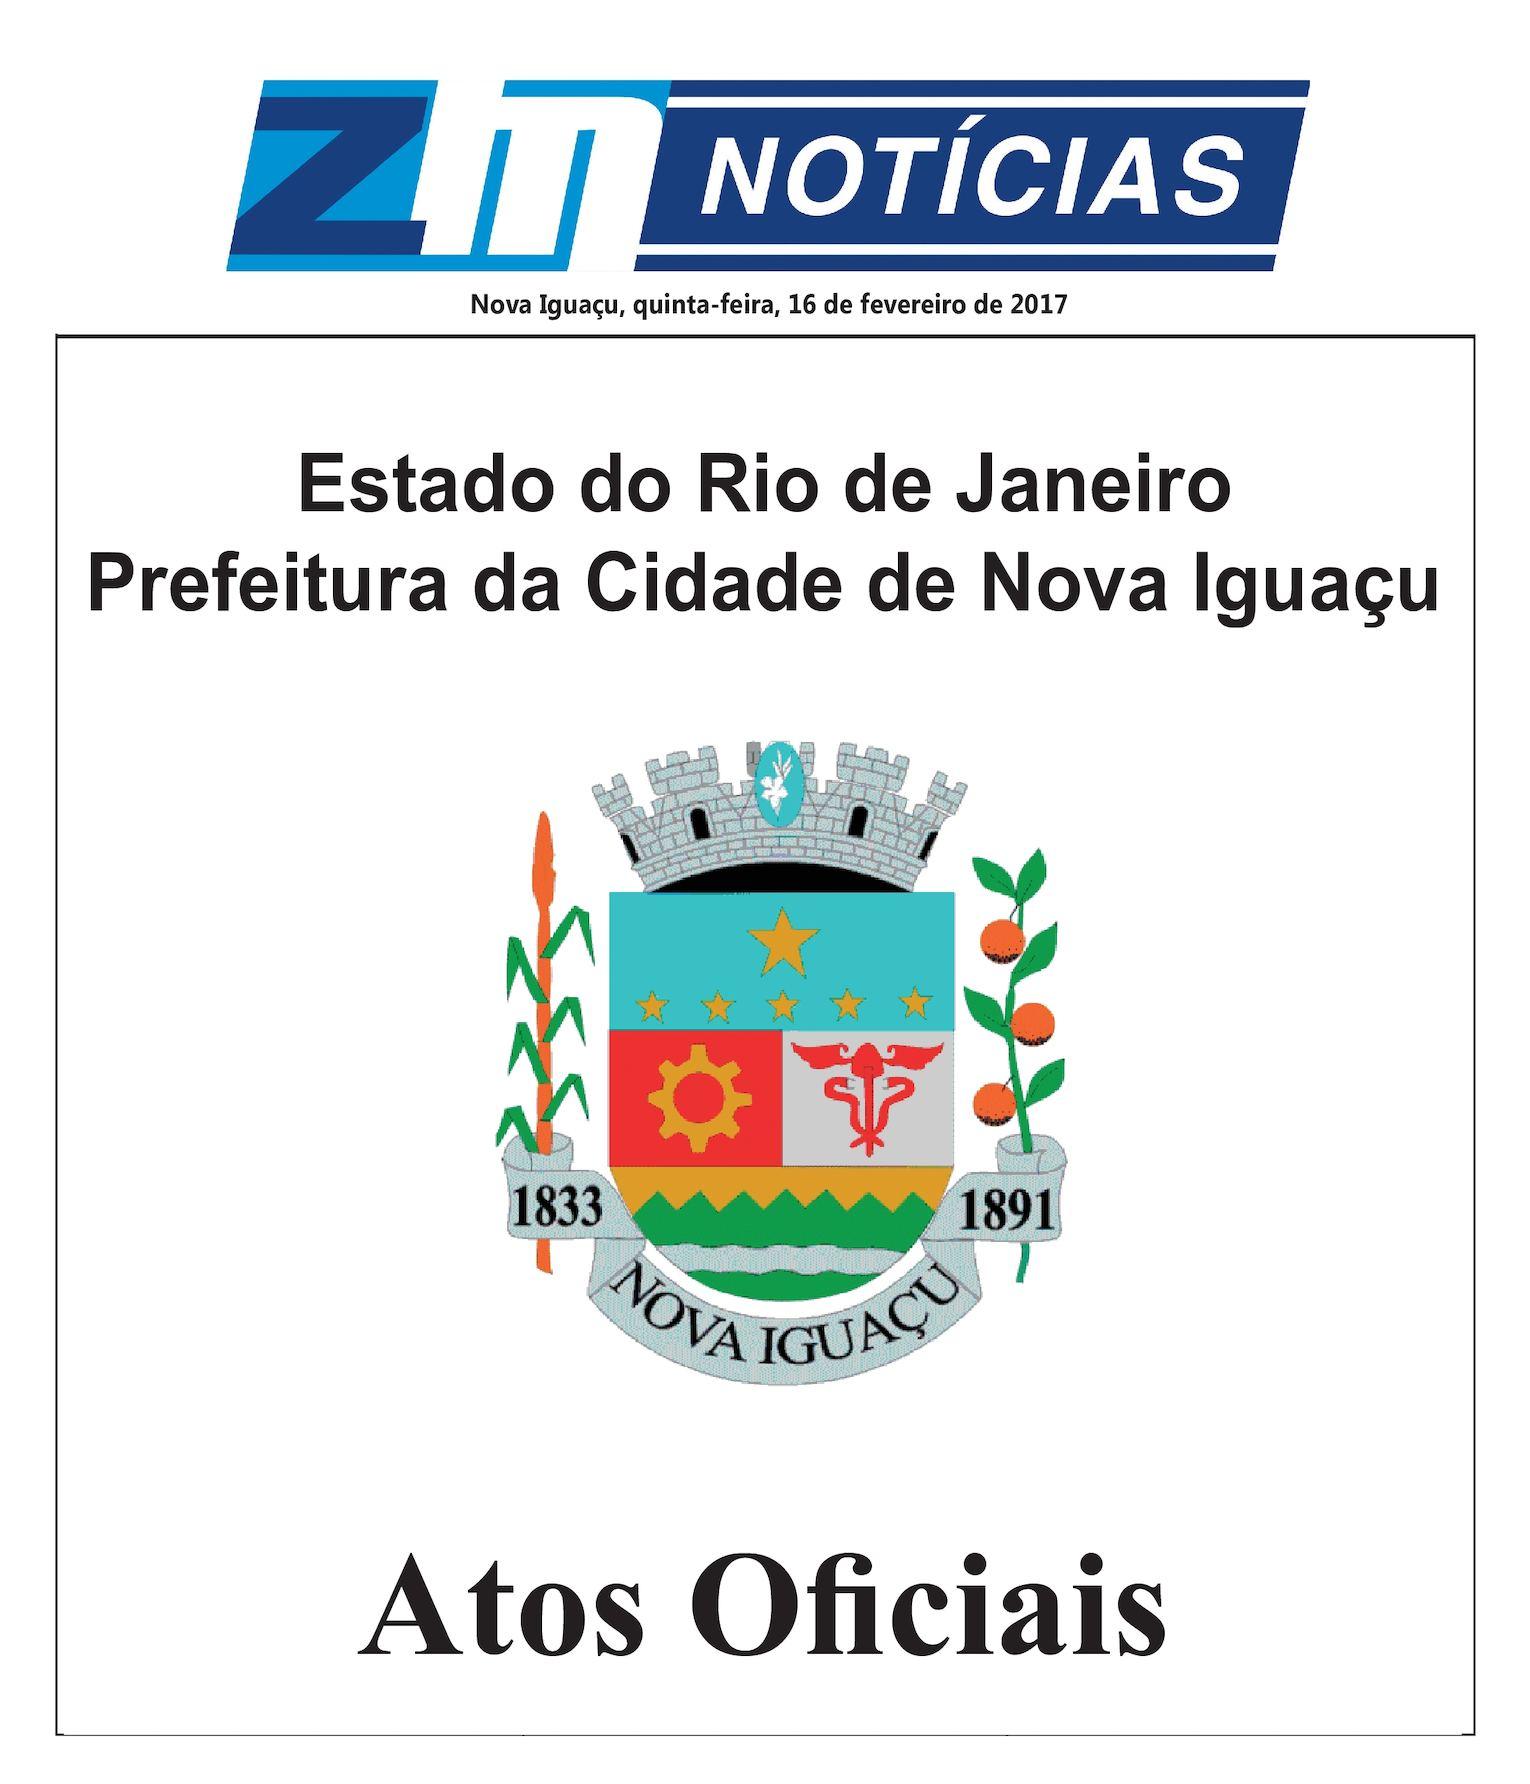 P C N I Atos Oficiais 160217